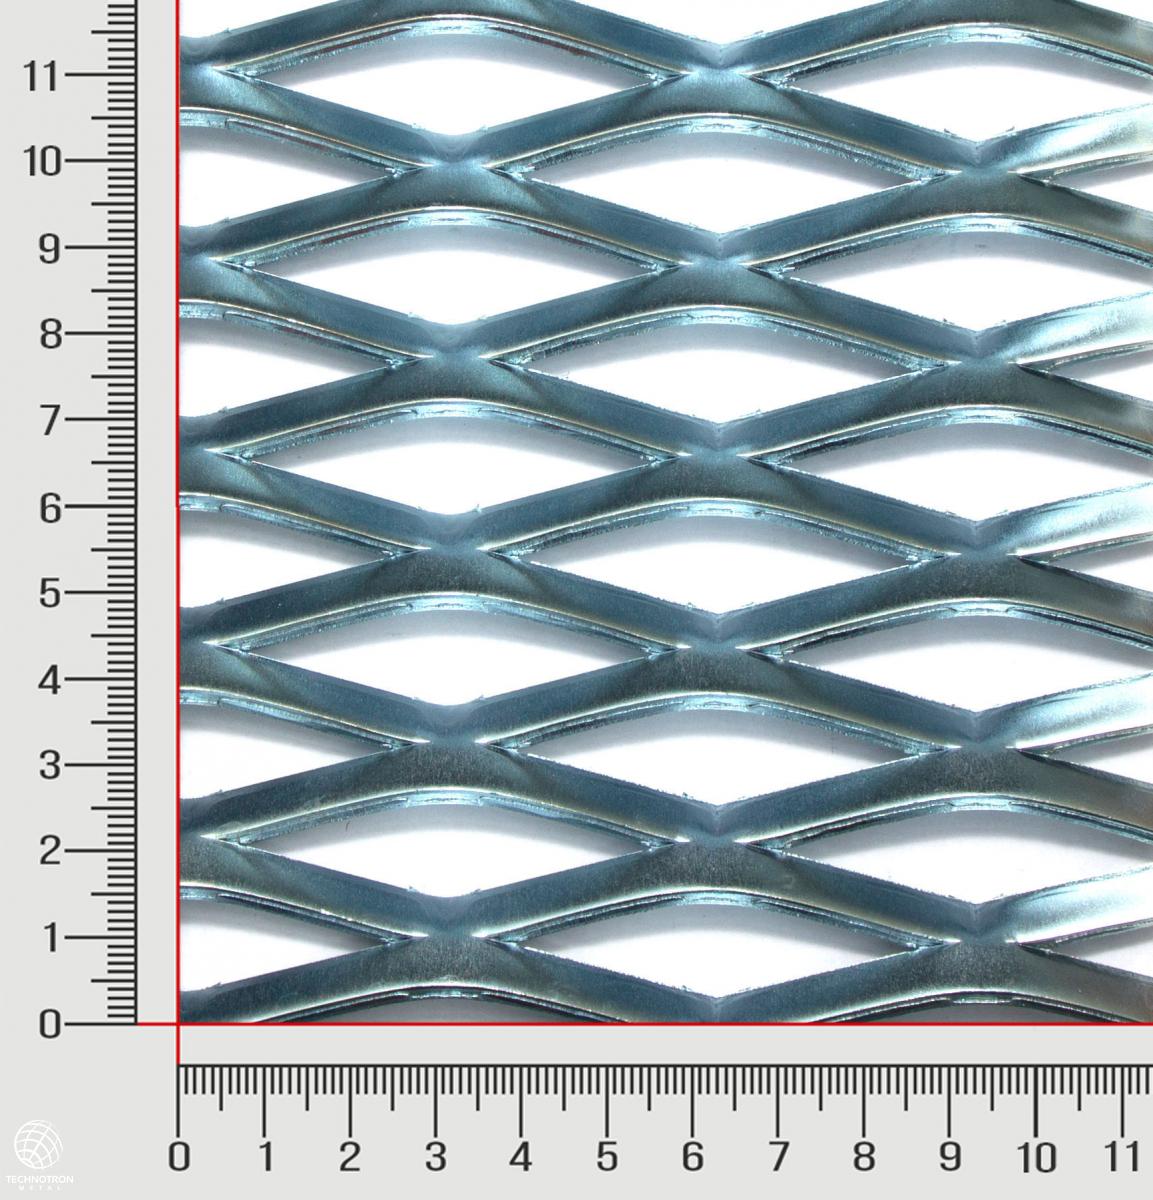 Tahokov TR 62,5 x 23 x 7 mm;  3x1250x2500 mm; tahokov z ocelového plechu DD1 - DD13/S235